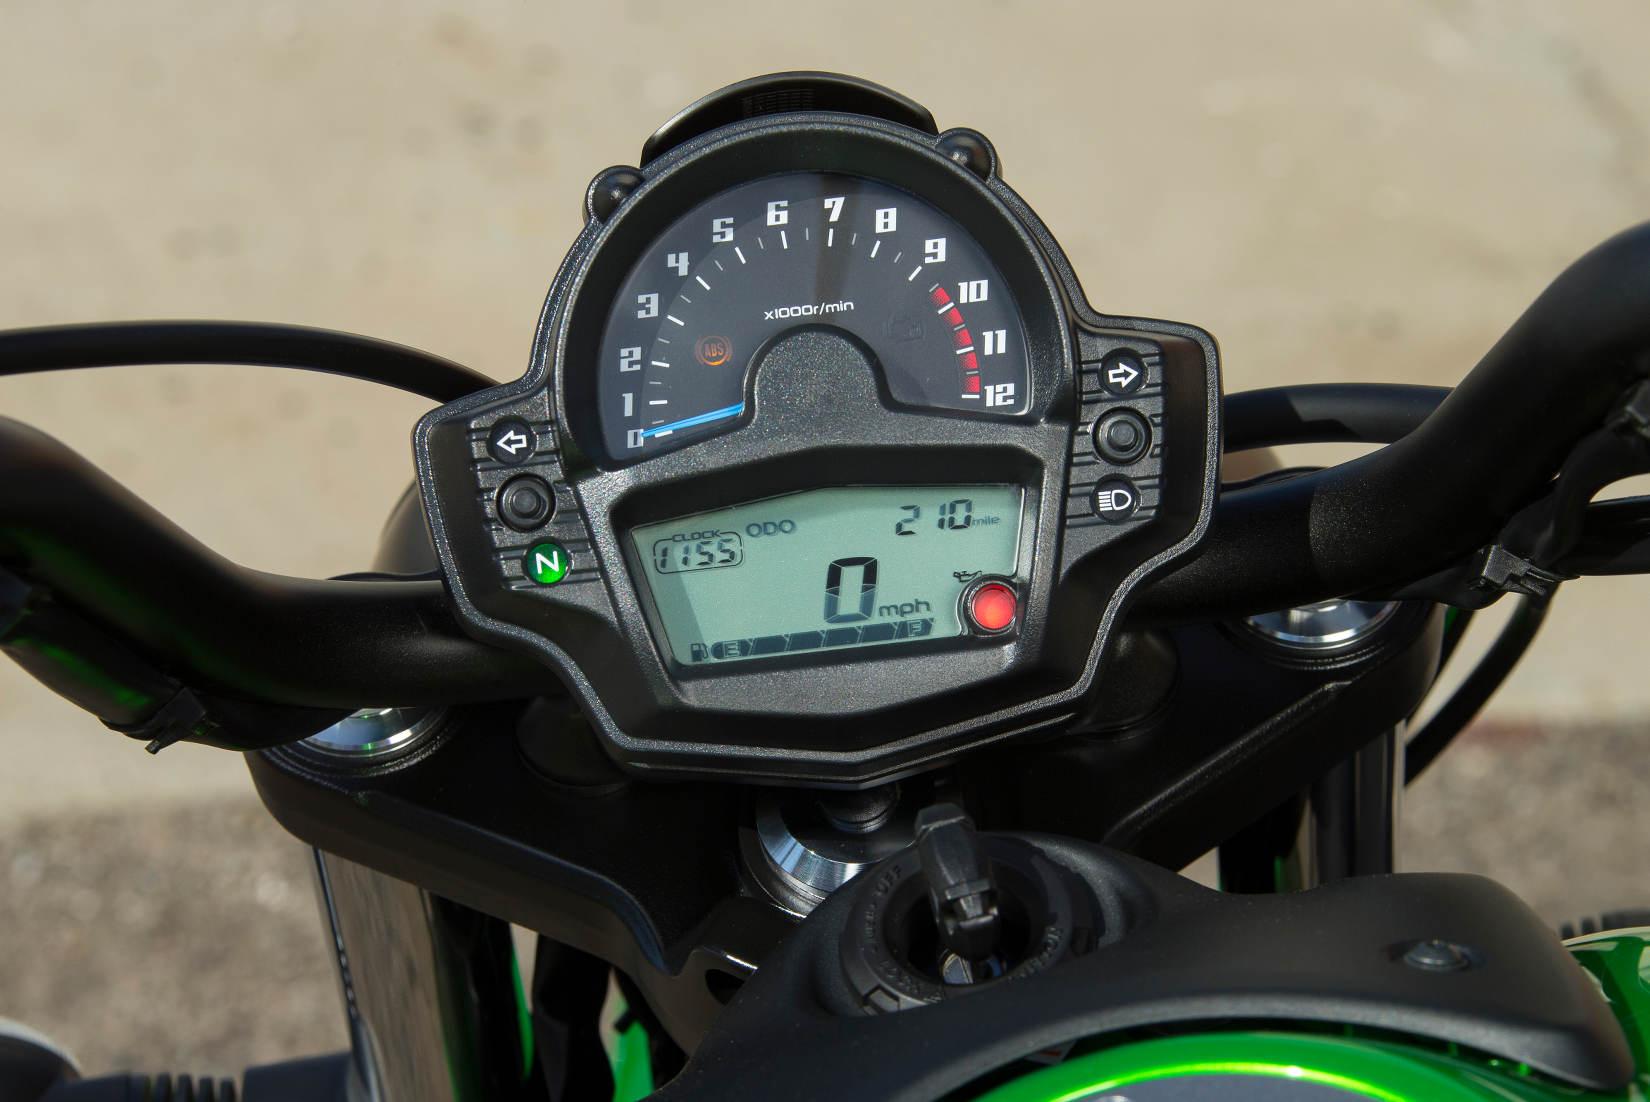 2015 kawasaki vulcan s: md first ride « motorcycledaily